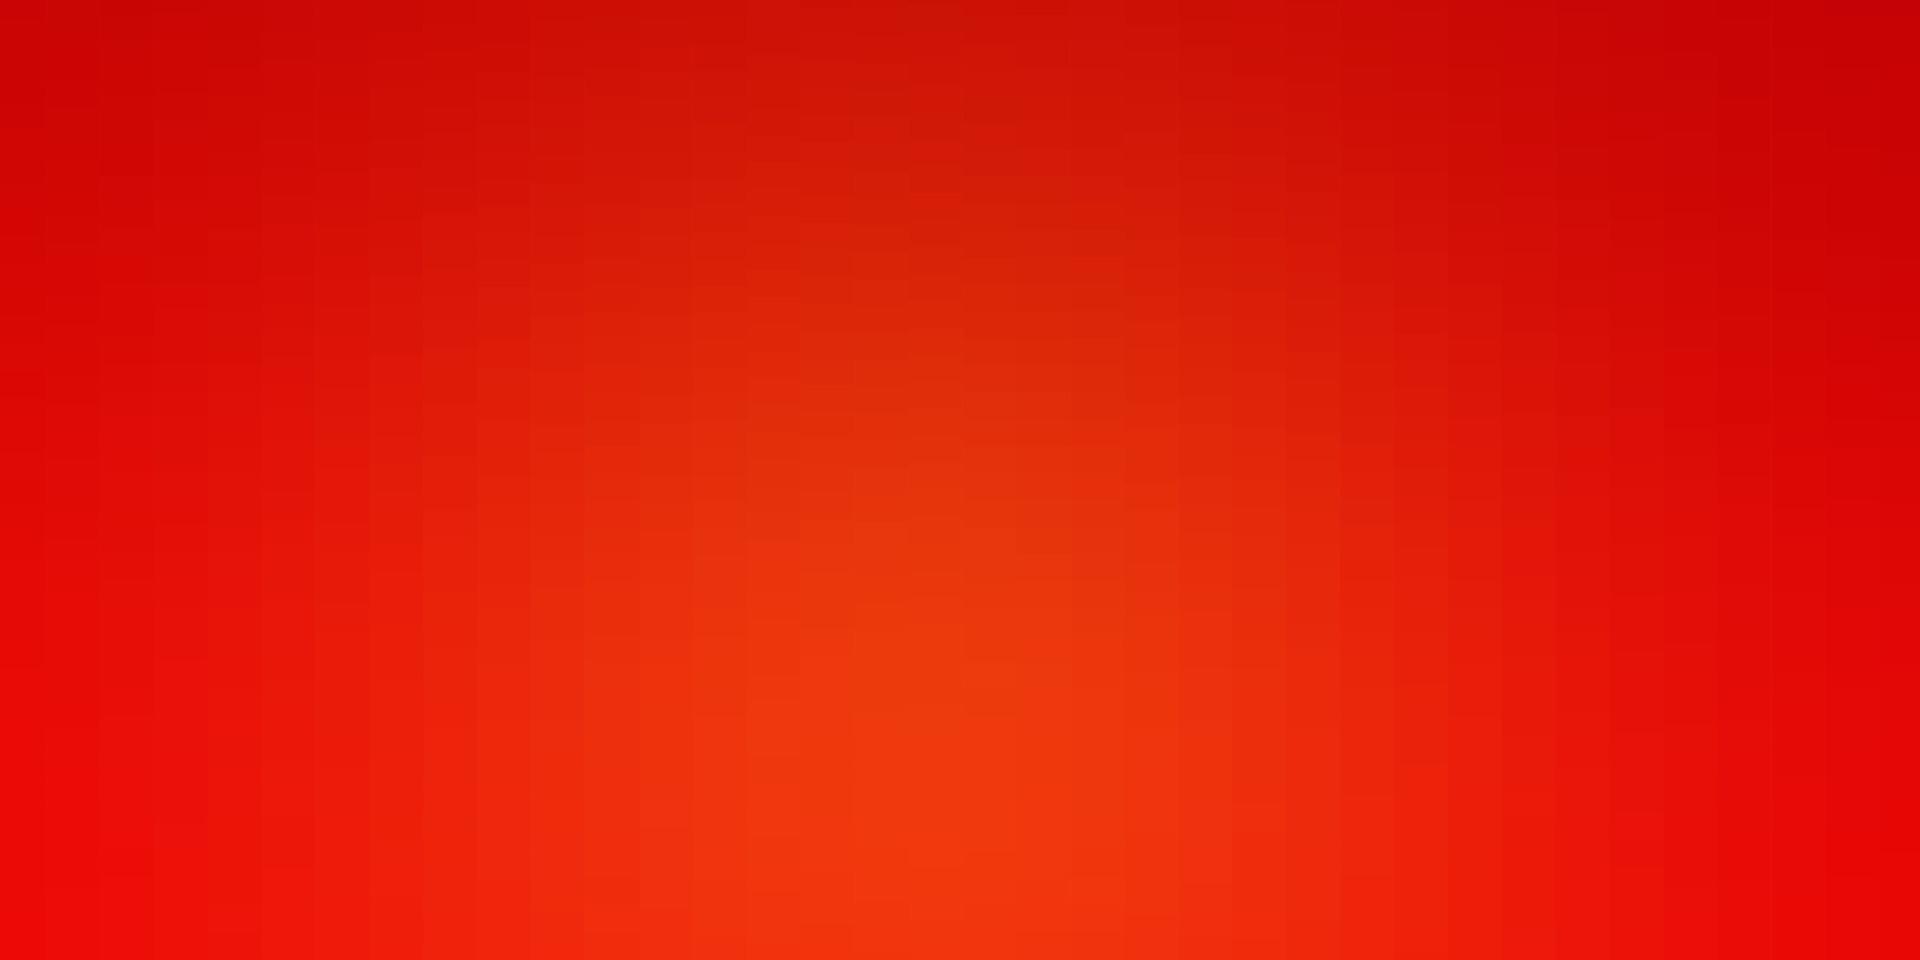 sfondo vettoriale arancione chiaro con rettangoli.